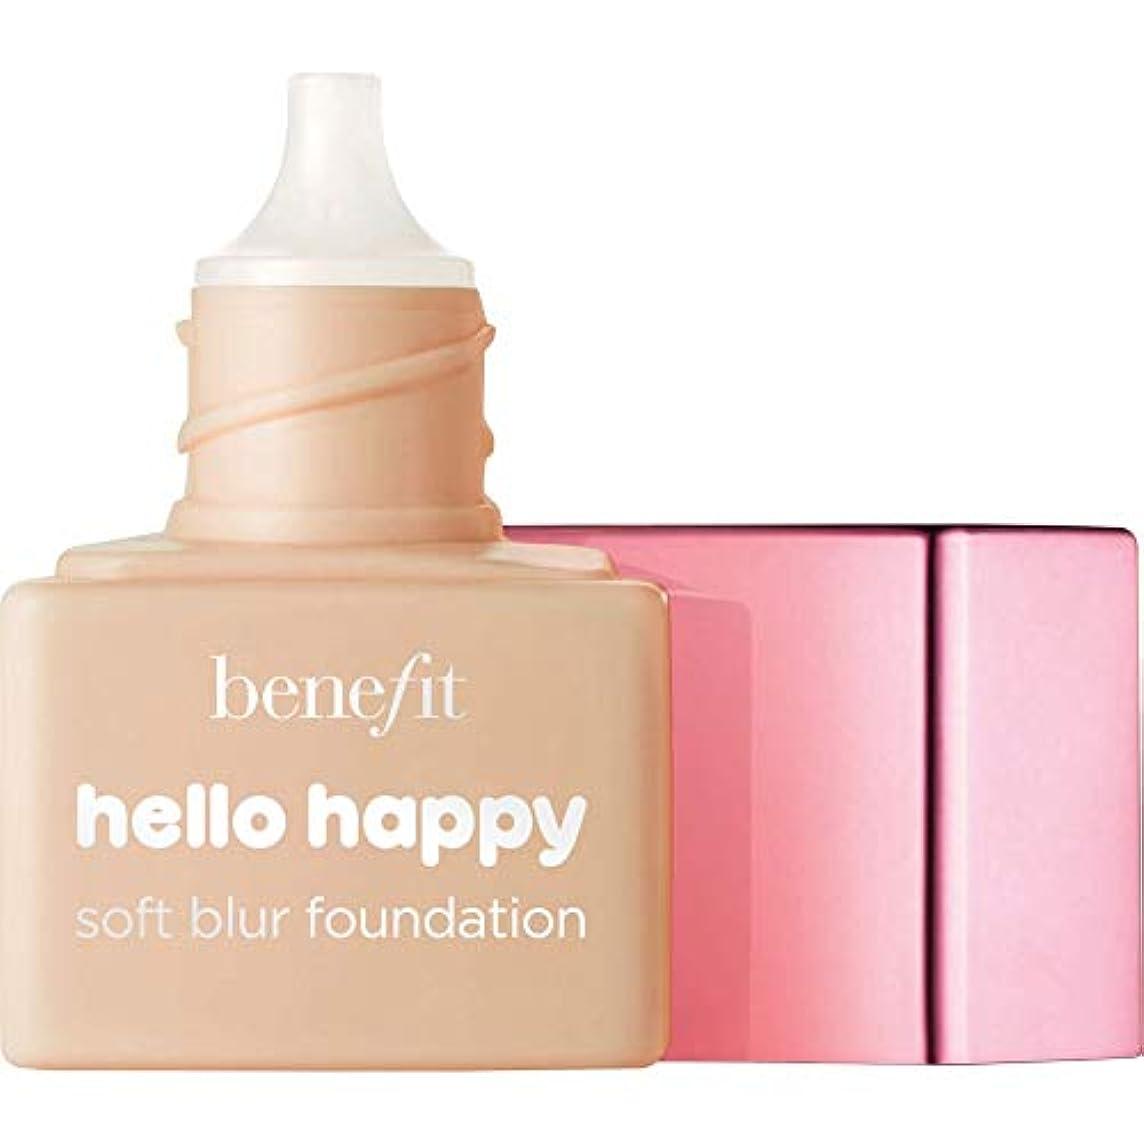 甘くする飲料辞任[Benefit ] ミニ4 - - こんにちは幸せソフトブラー基礎Spf15の6ミリリットルの利益中性媒体中 - Benefit Hello Happy Soft Blur Foundation SPF15 6ml -...